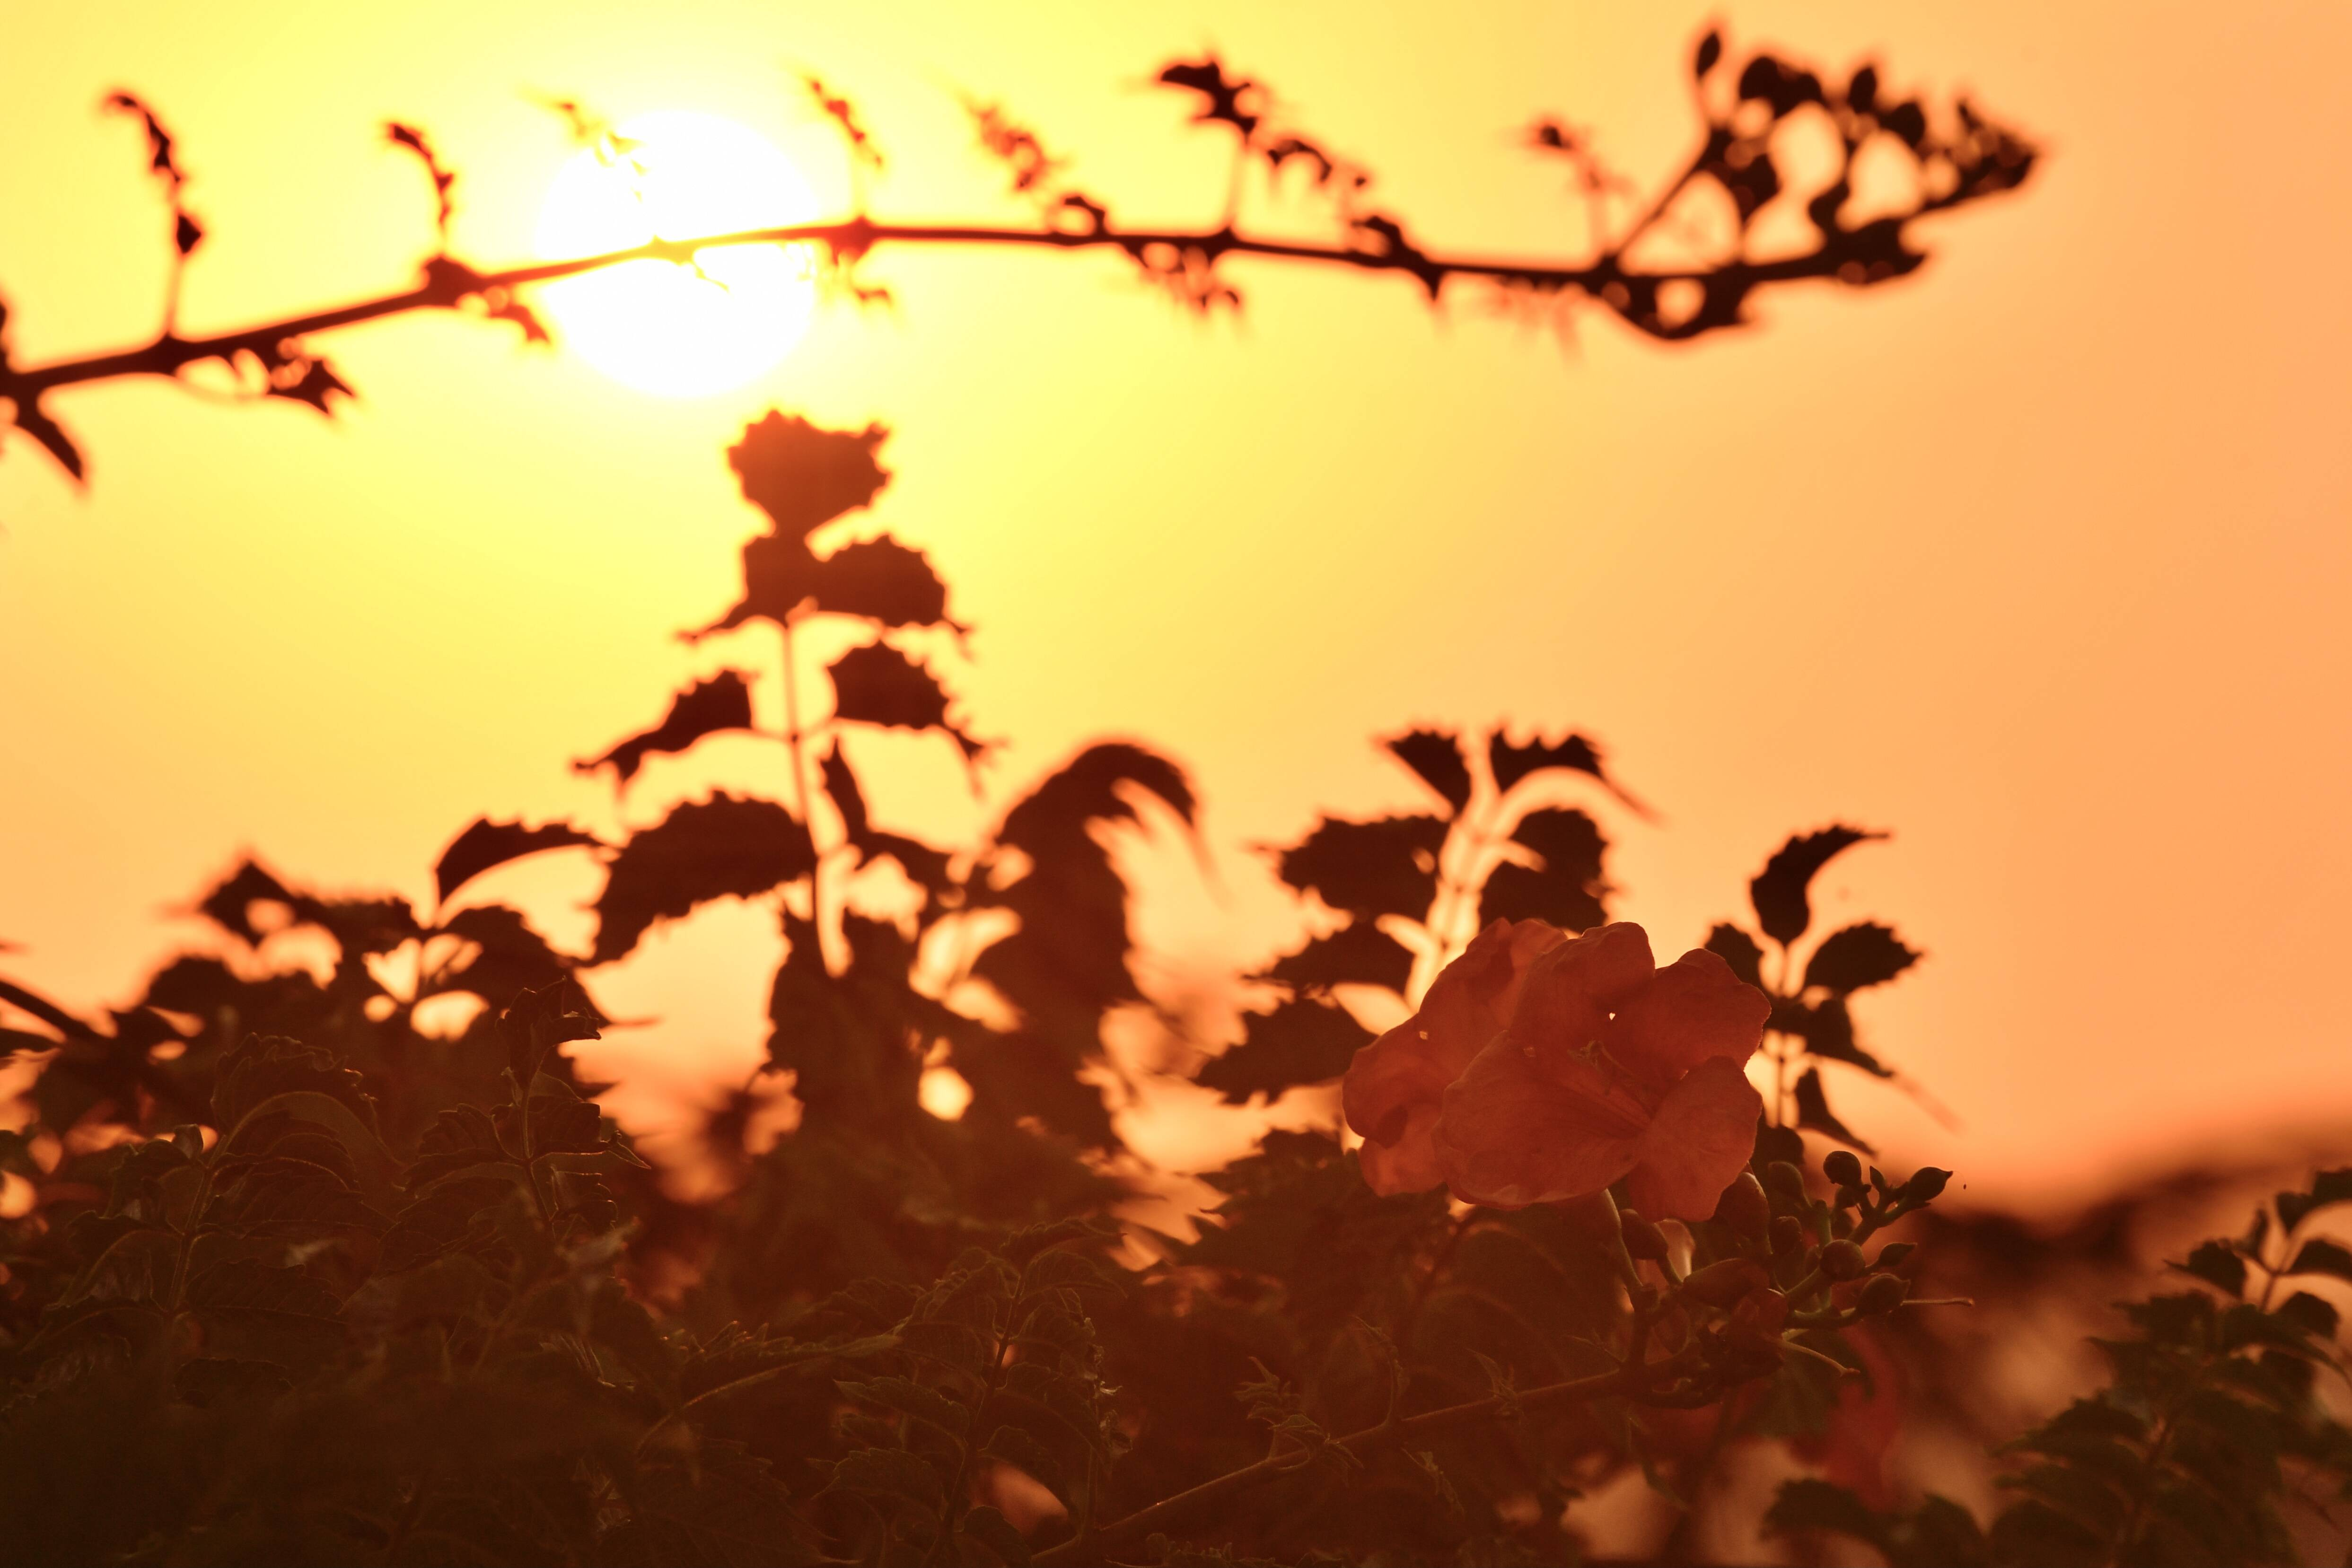 影像力|泉城济南邂逅浪漫黄昏!这样绝美的天空大秀你见过吗?